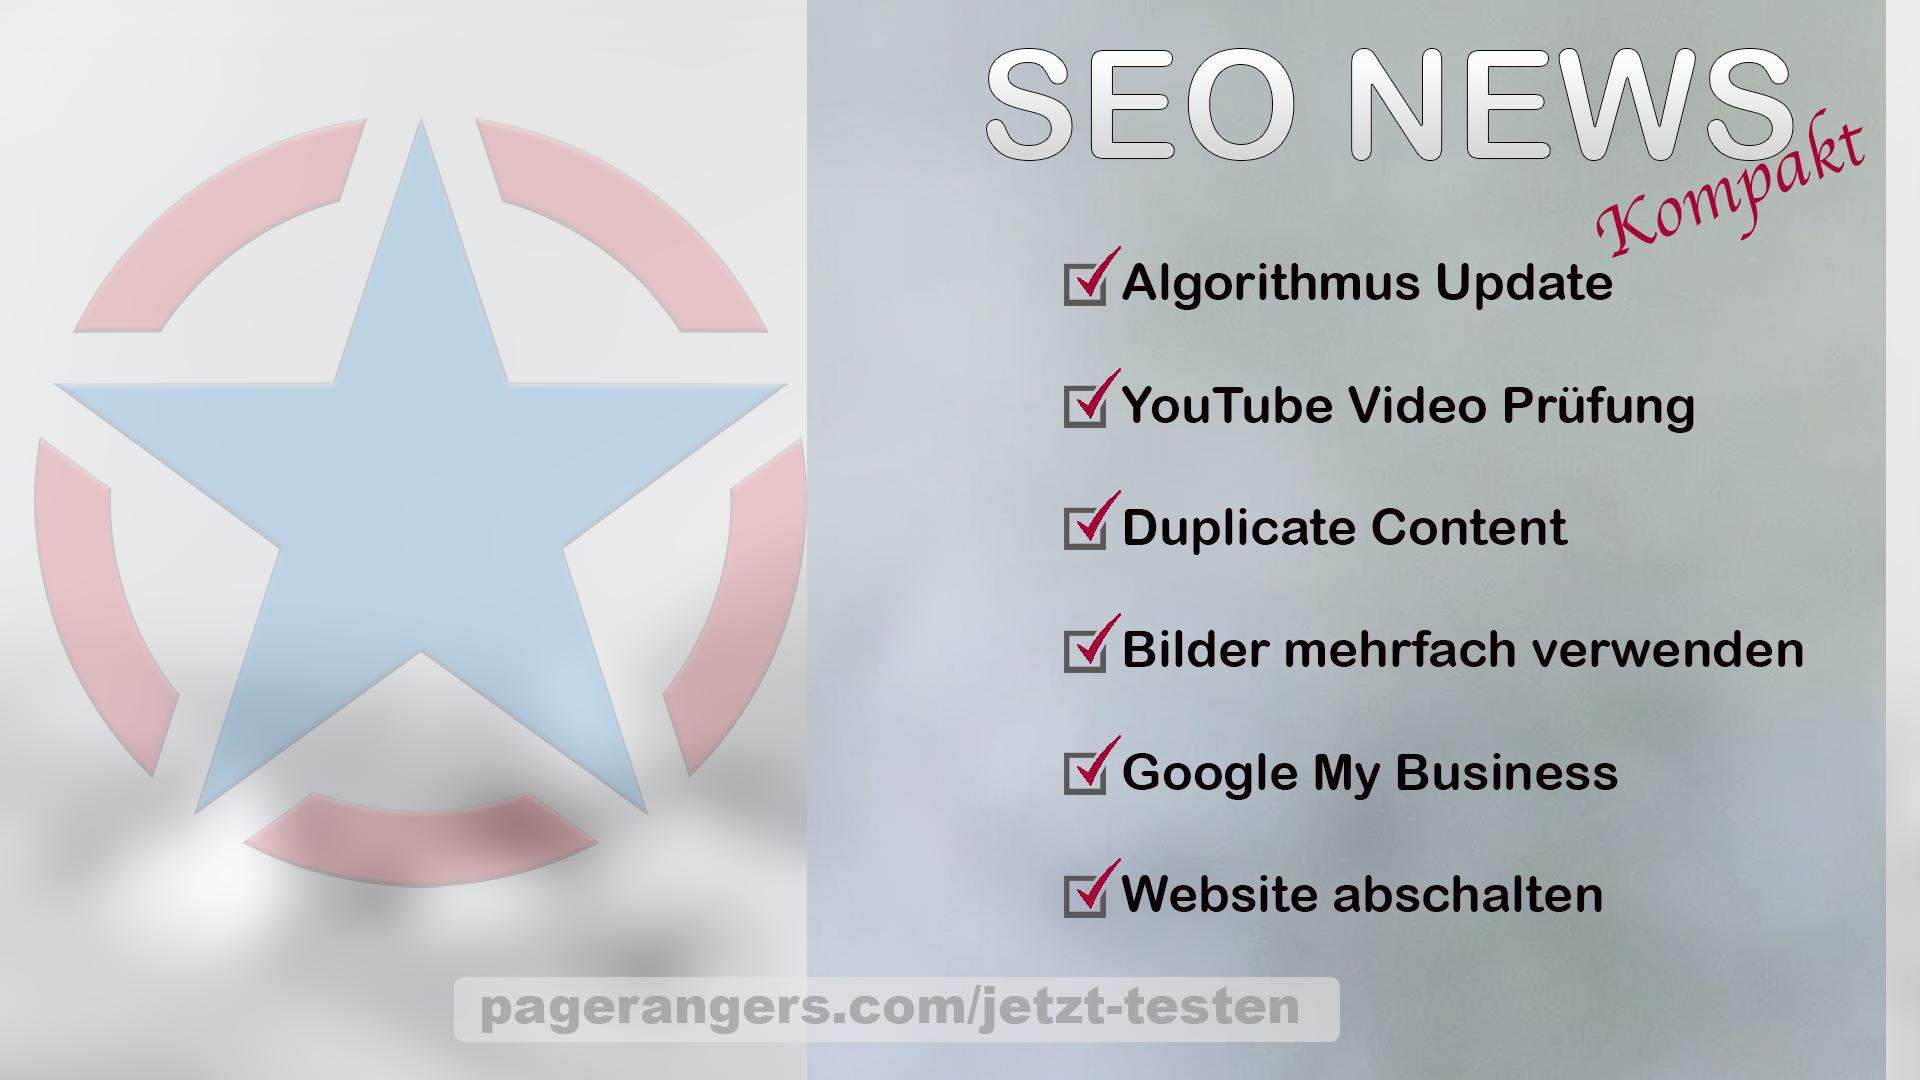 Algorithmus Update, YouTube Video Prüfung, Duplicate Content, Bilder mehrfach verwenden, Google My Business, Website abschalten